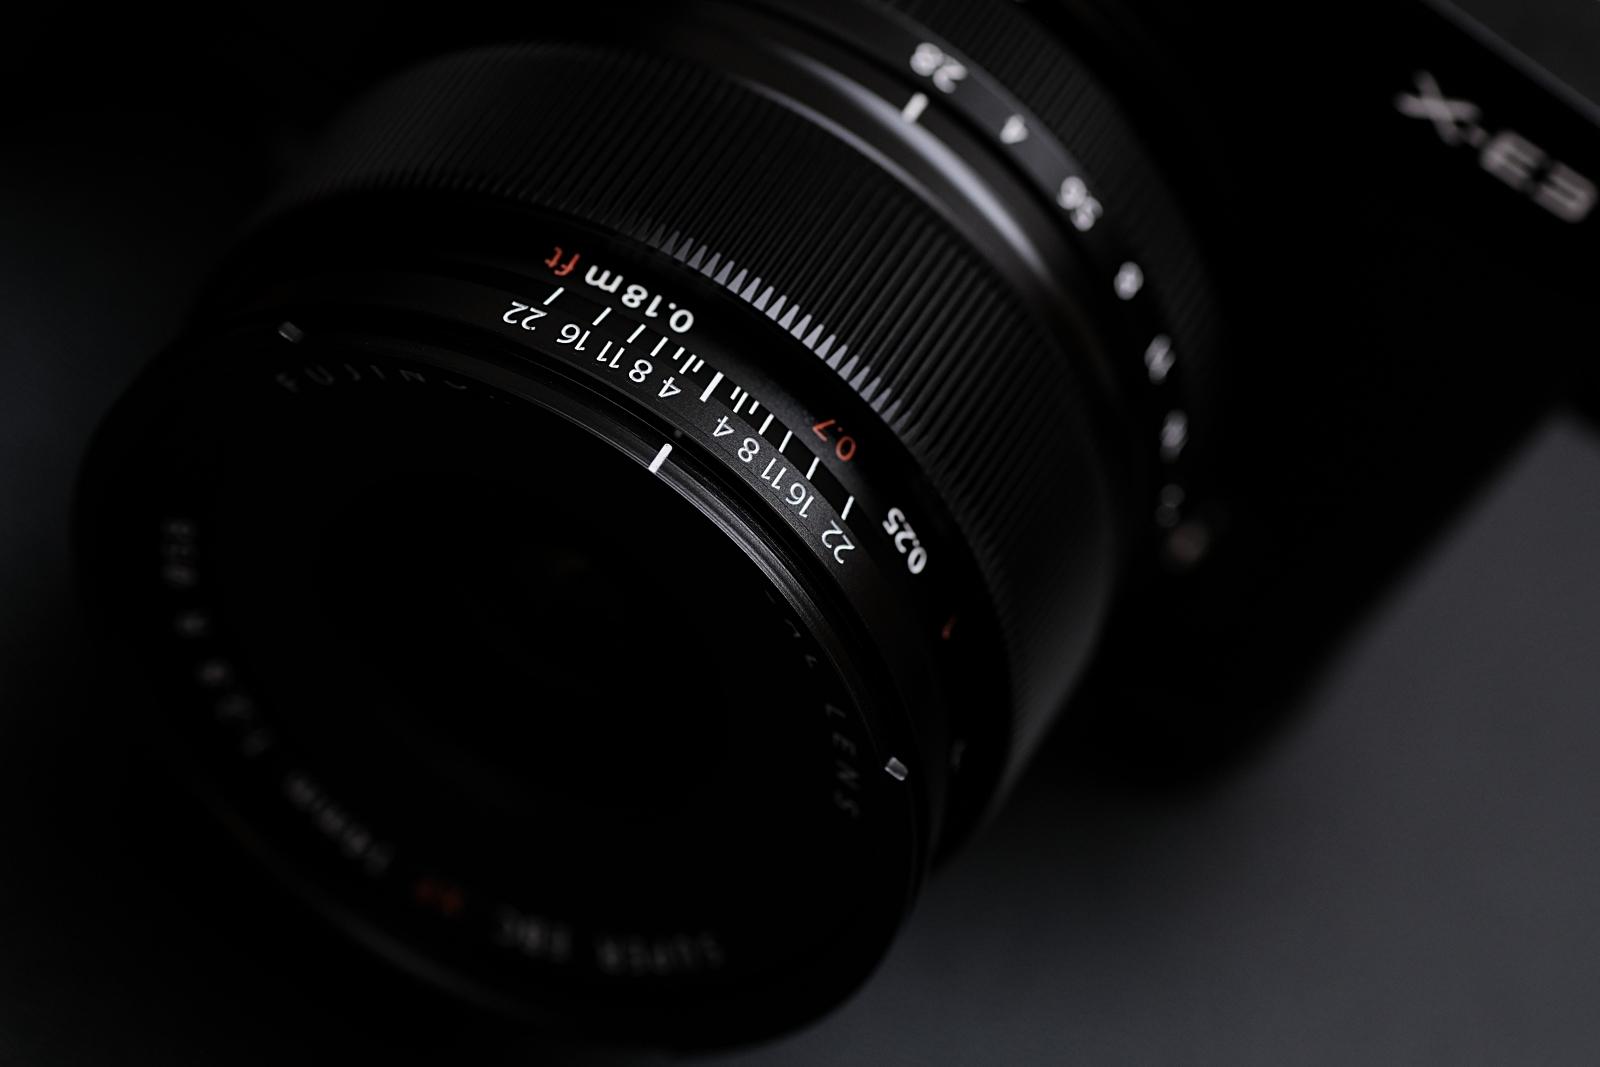 FUJIFILM XF14mmF2.8 R_a0129474_21105259.jpg